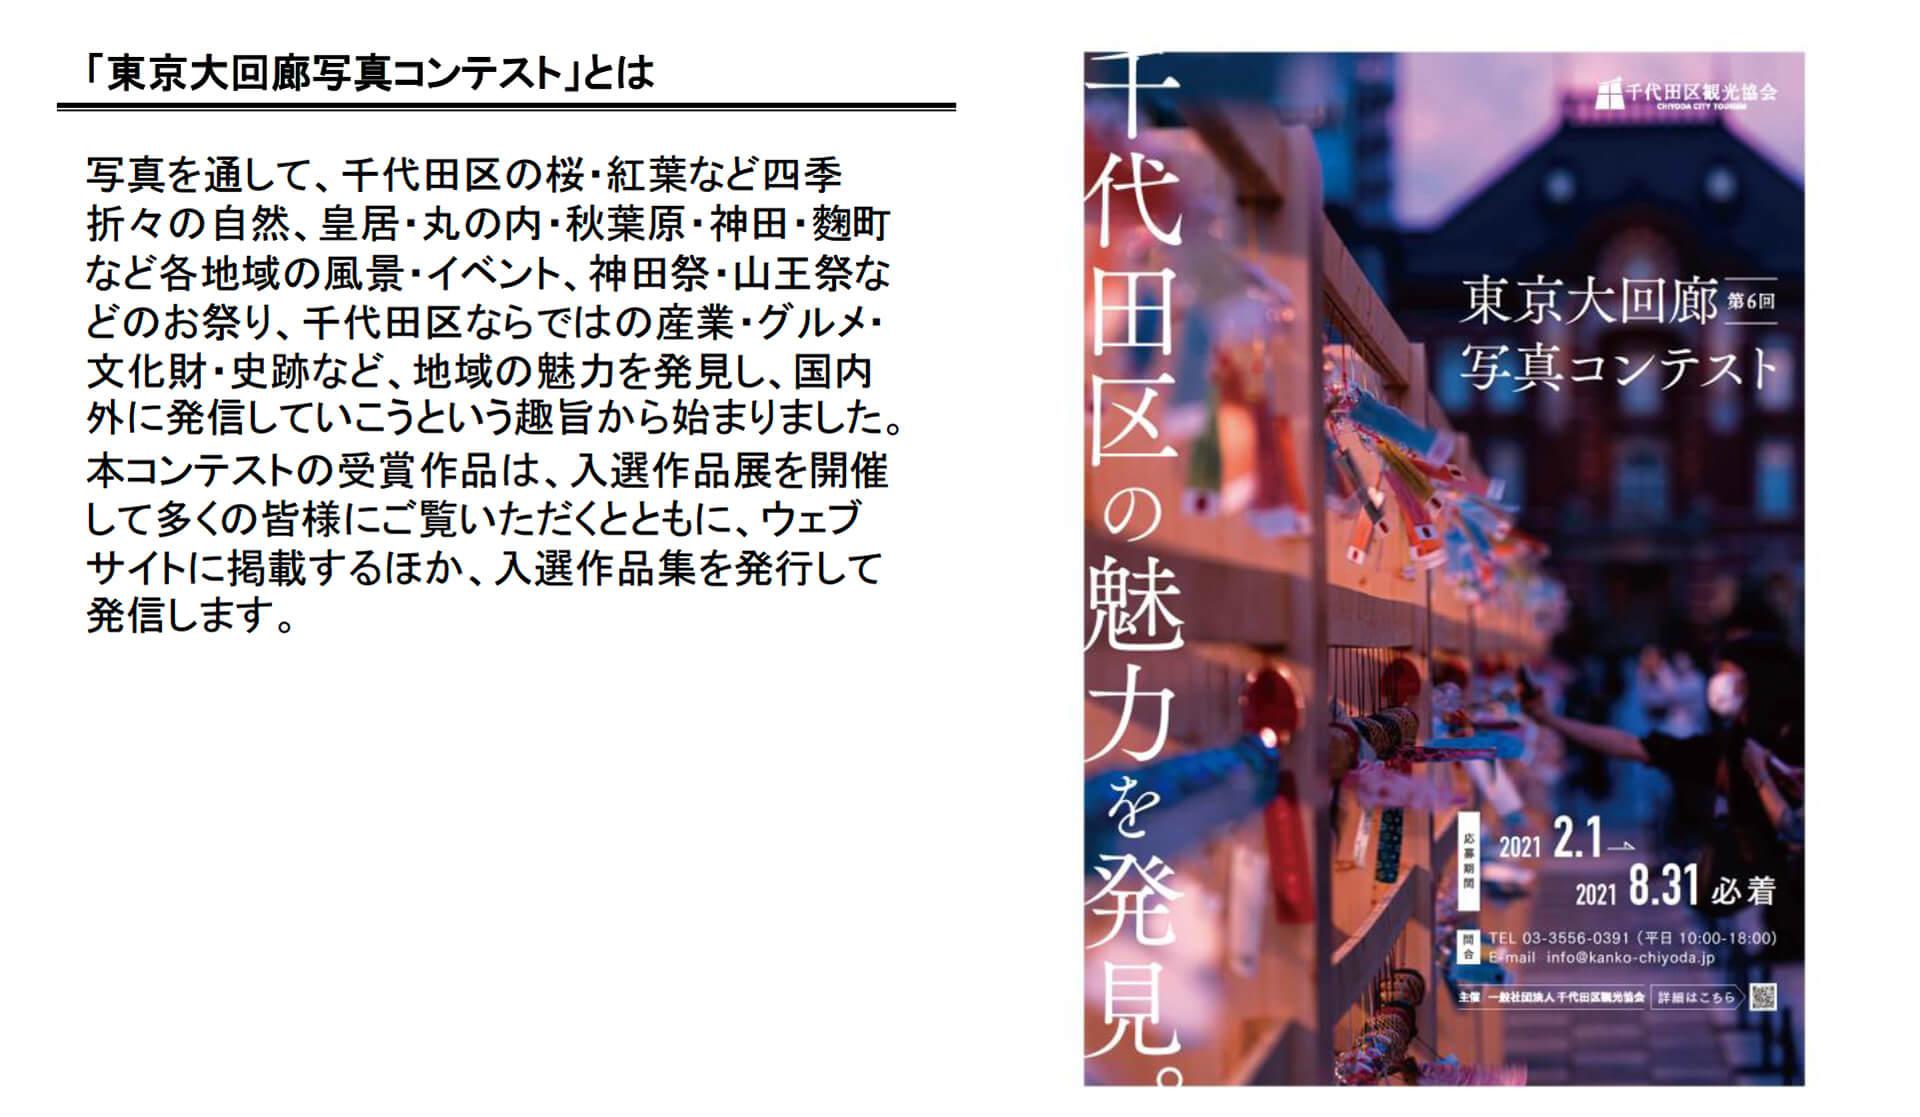 第6回東京大回廊写真コンテスト